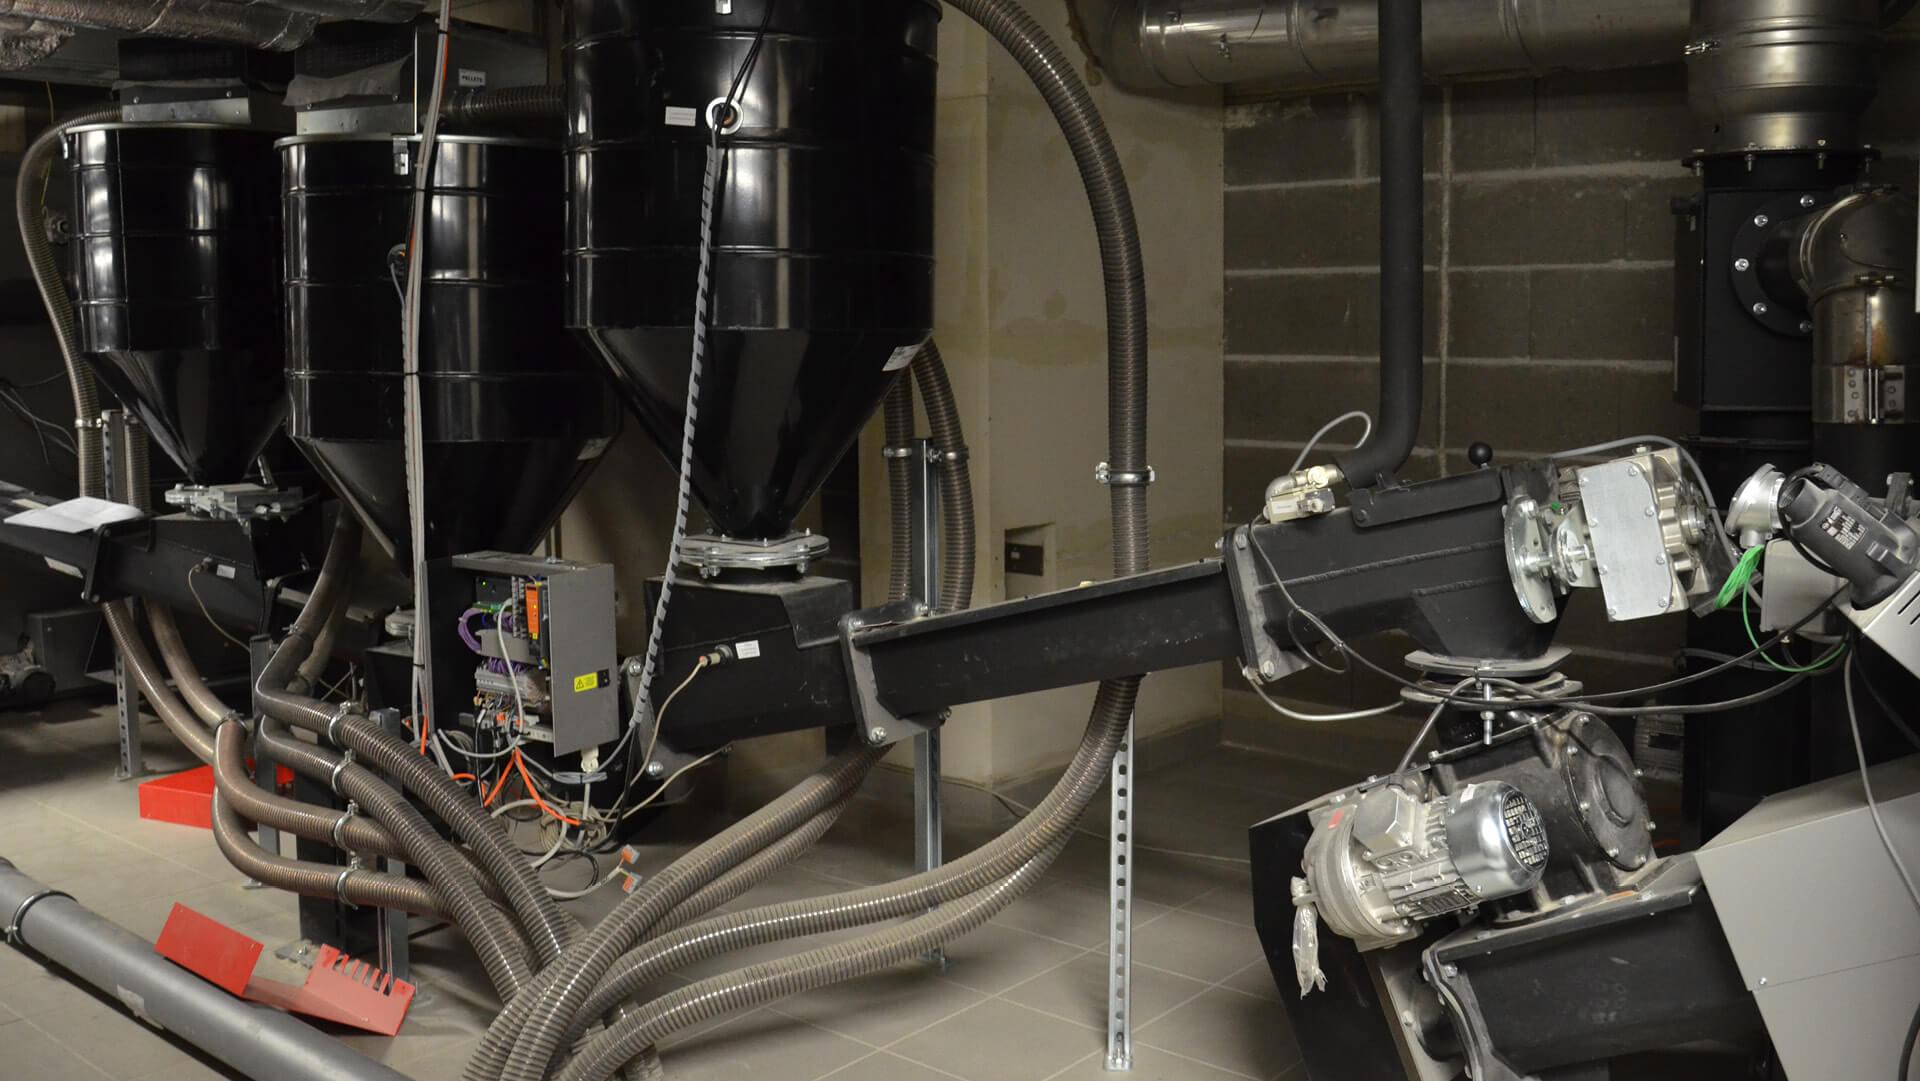 alarme electro depot fusion reactors viableu say experts. Black Bedroom Furniture Sets. Home Design Ideas